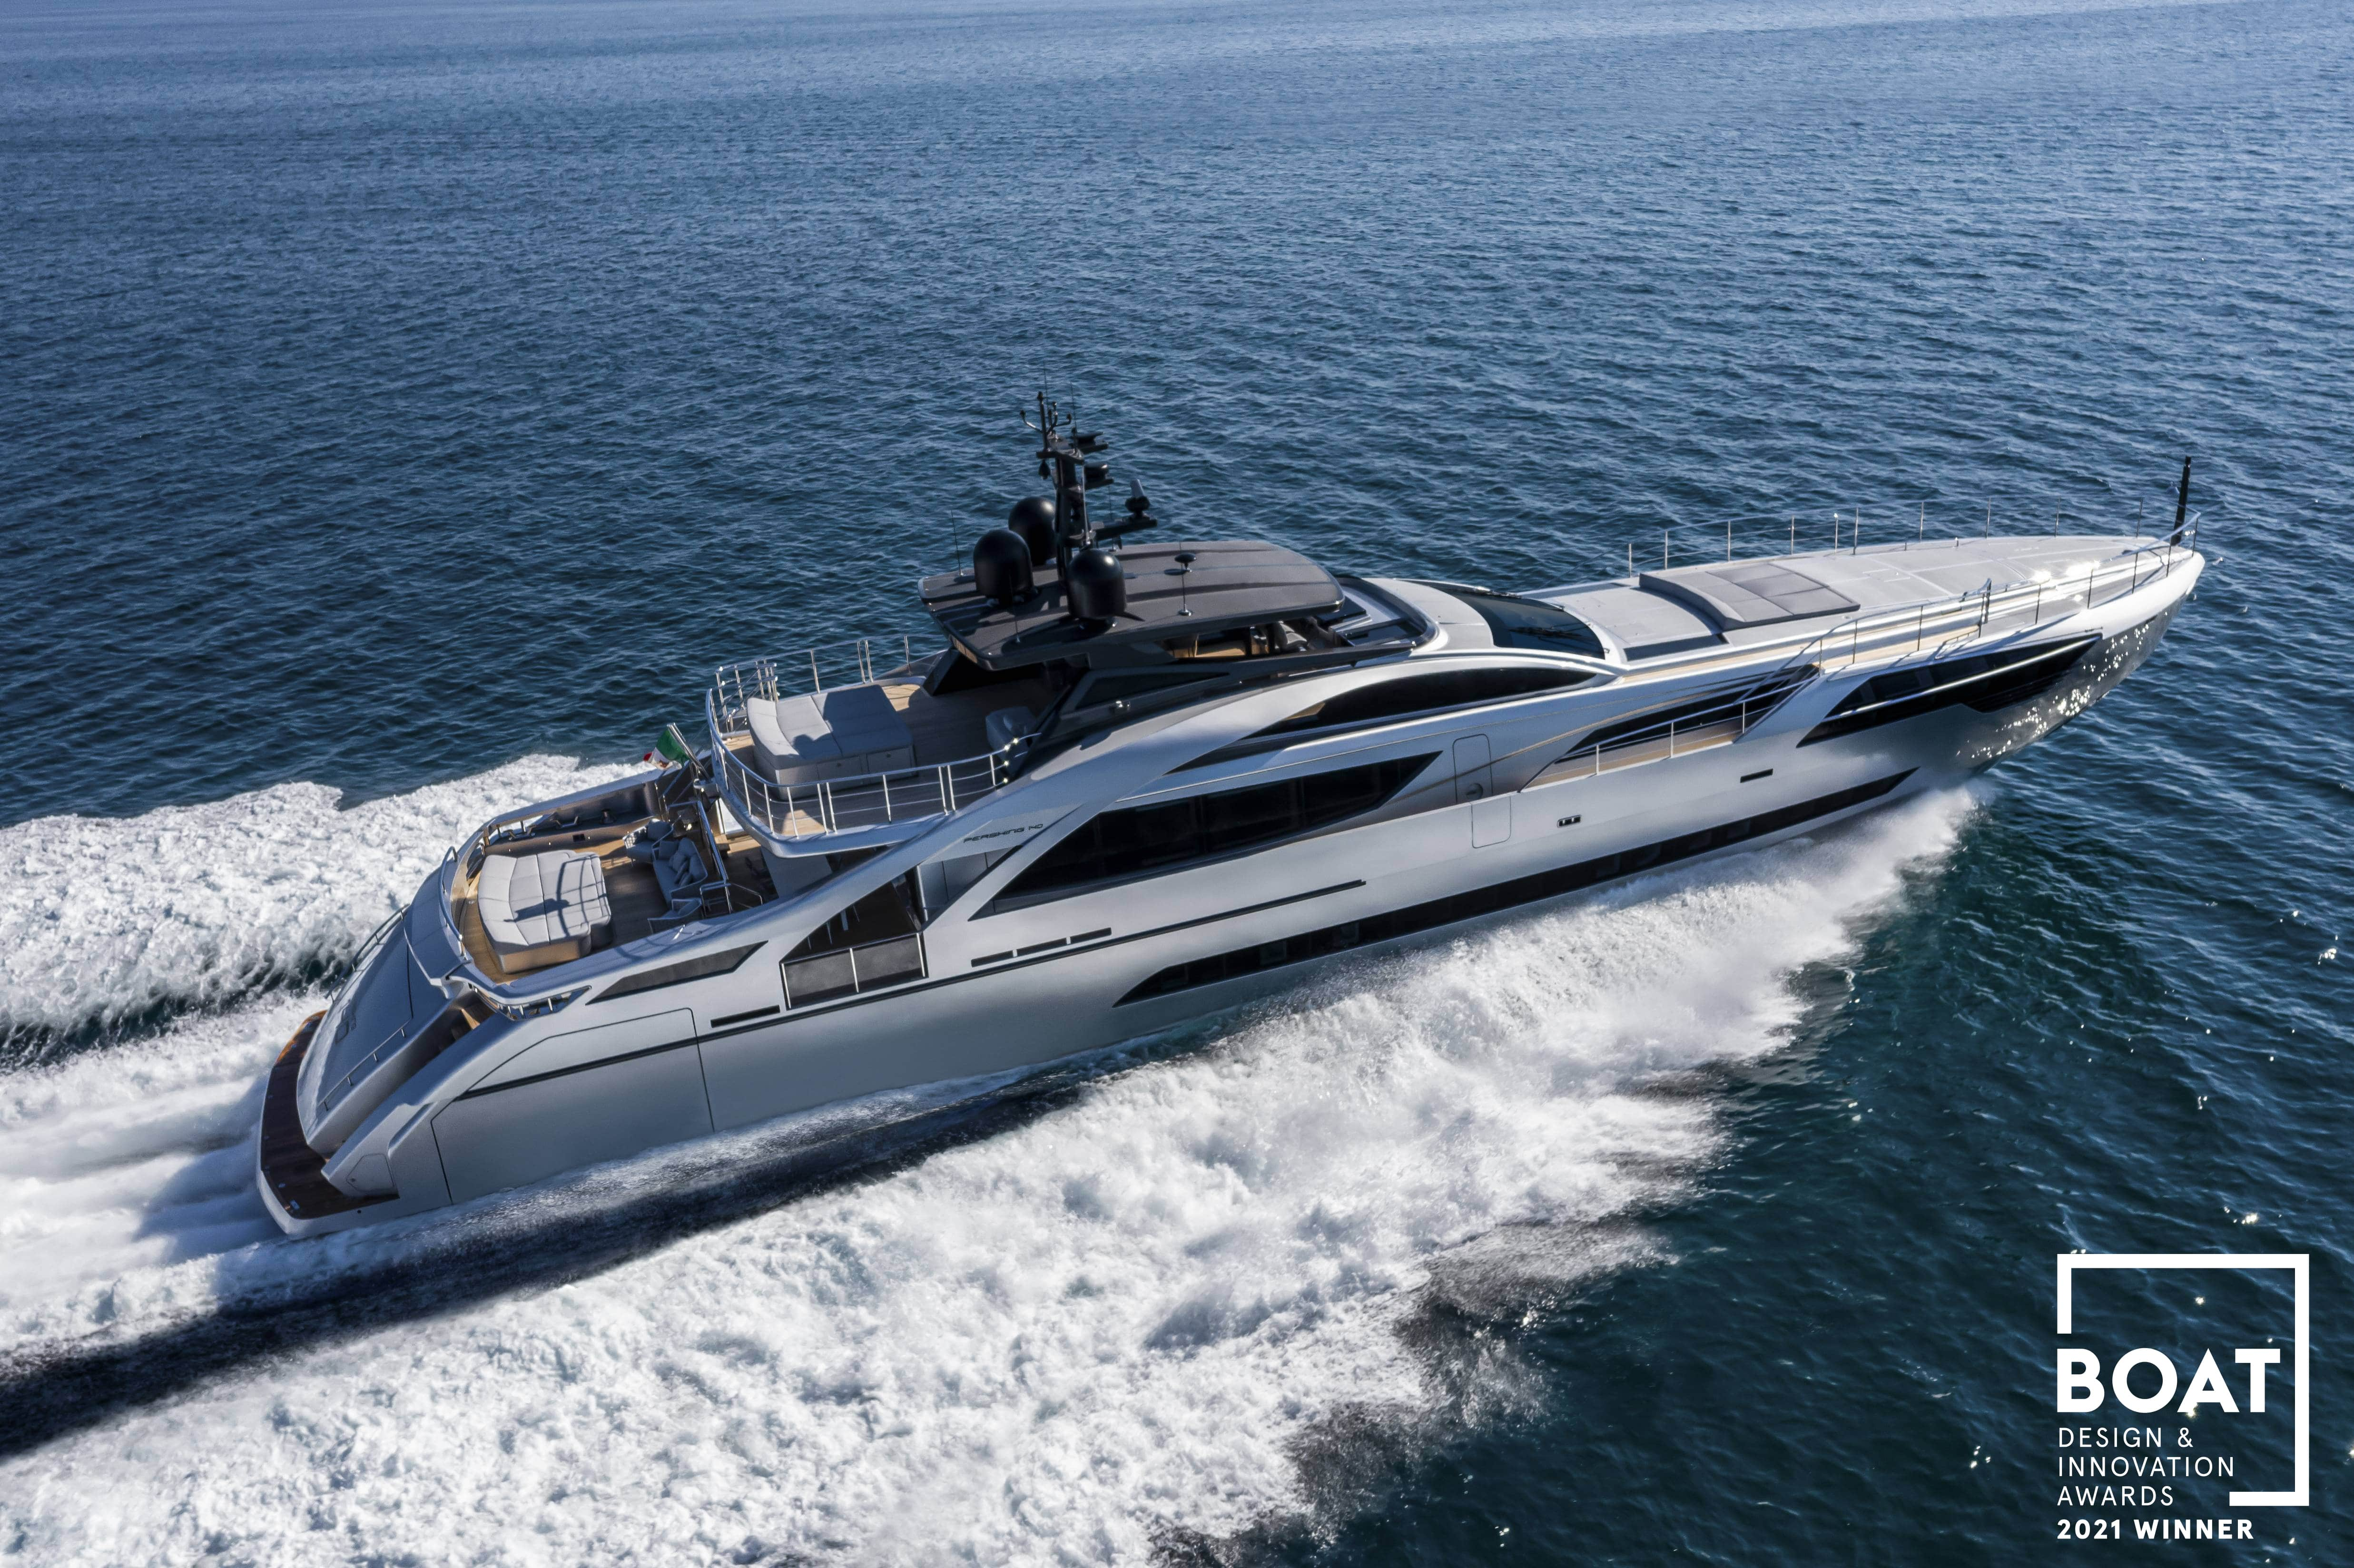 Chiến thắng đúp dành cho Tập đoàn Ferretti tại Boat International Design & Innovation Awards 2021